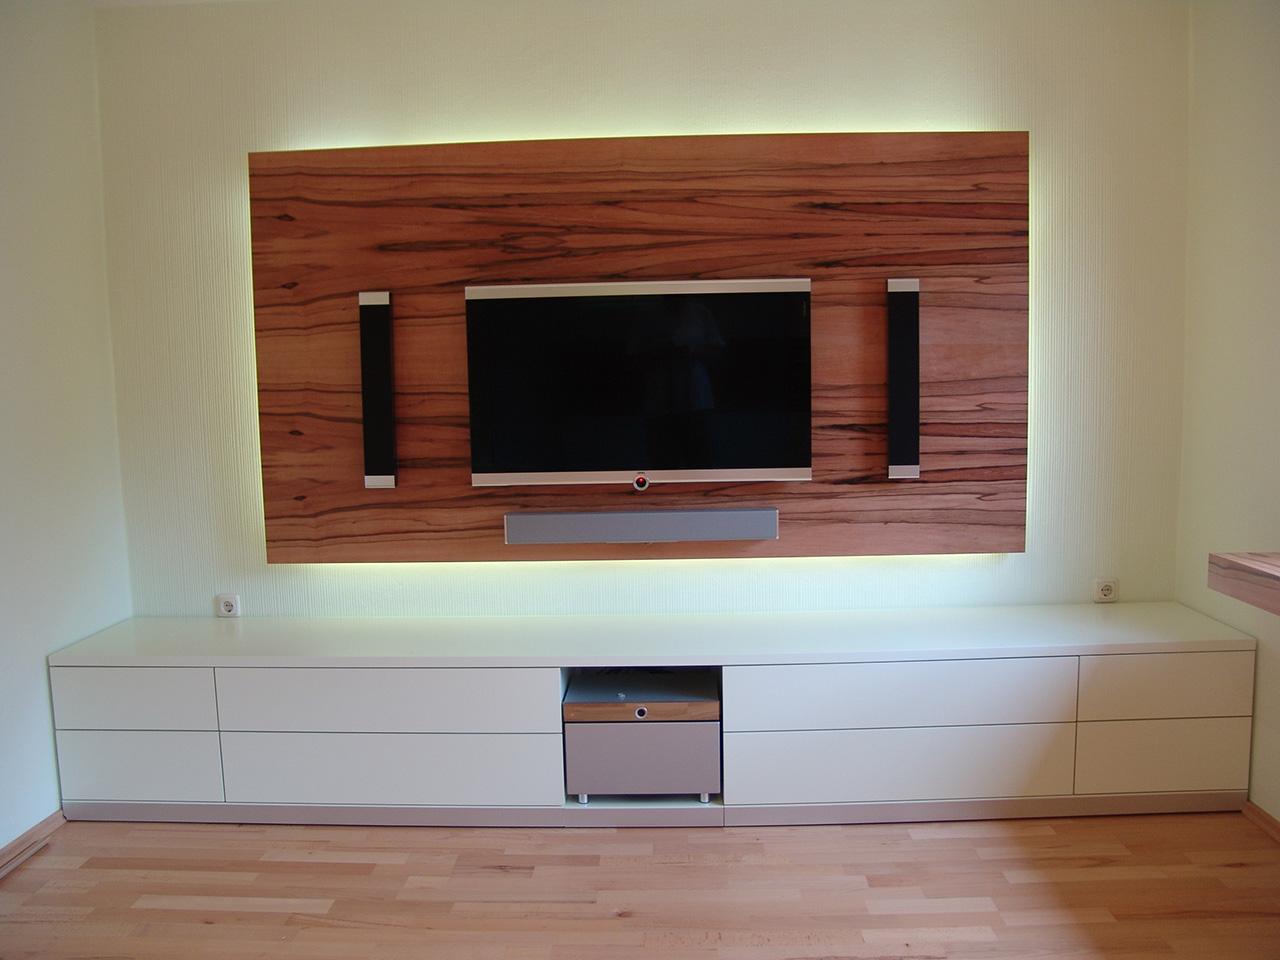 A21-Wohngestaltung-in-Indischer-Apel-und-Schleiflack-mit-indirekter-LED-Beleuchtung